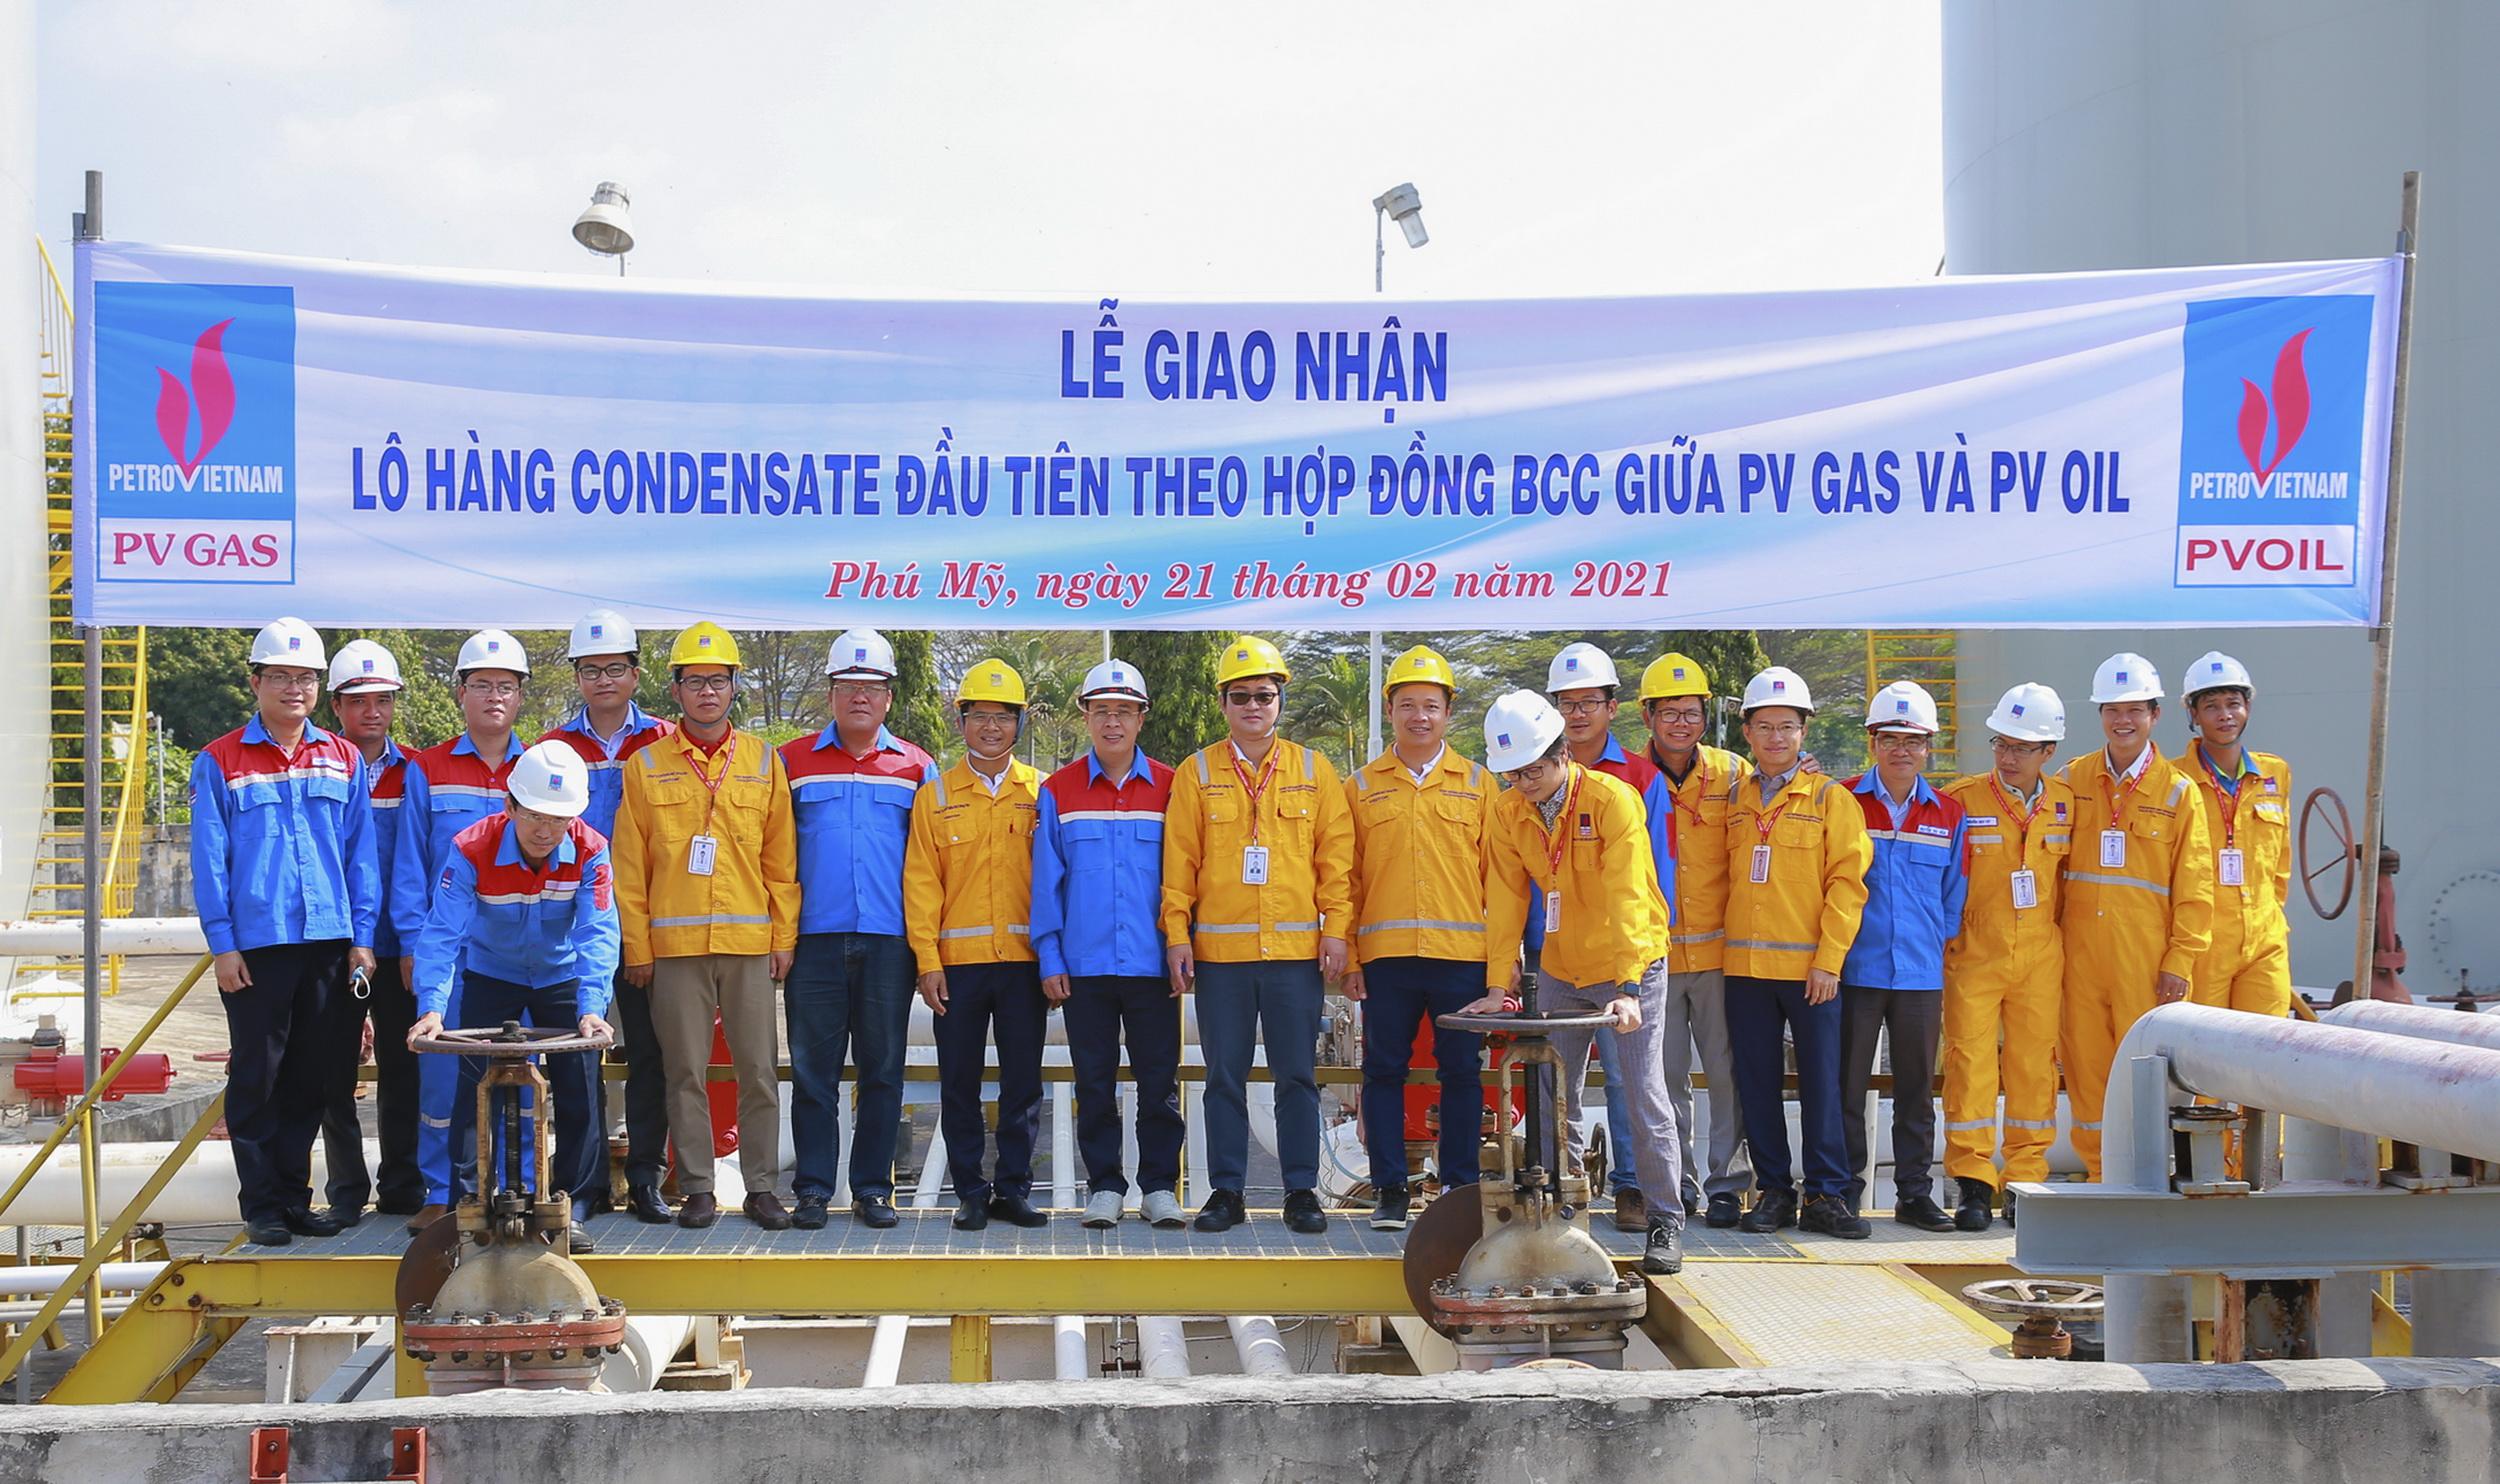 Nghi thức chuyển Condensate lần đầu tiên từ bồn chứa của Kho Cảng PV GAS Vũng Tàu sang bồn chứa của PVOIL Phú Mỹ